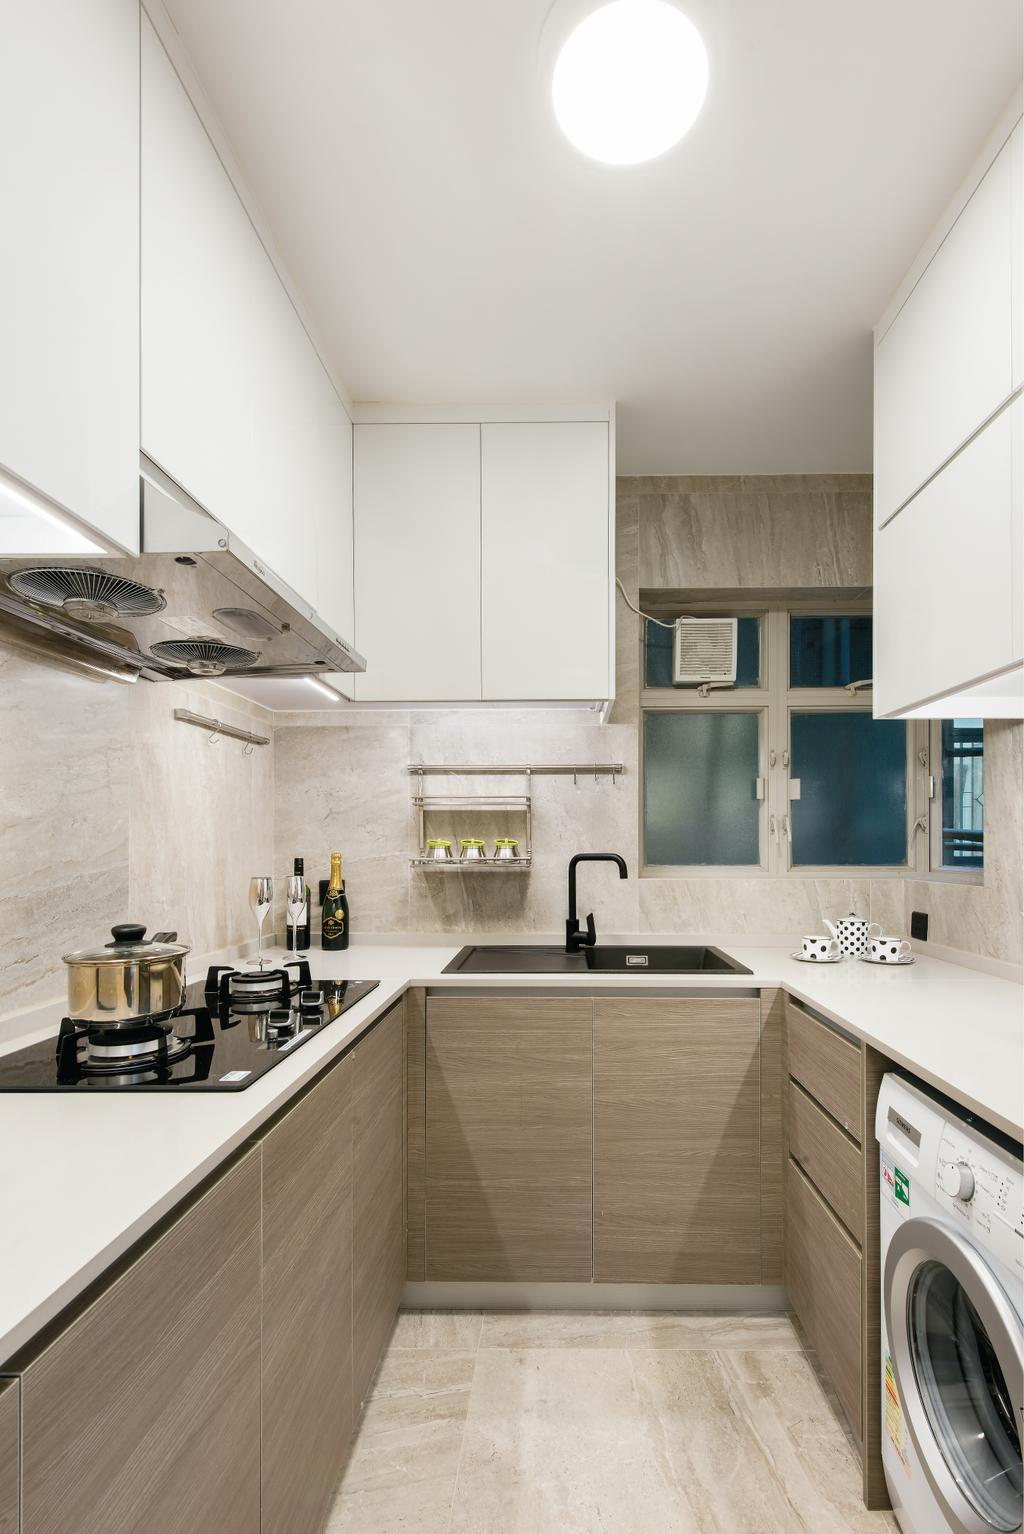 私家樓, 廚房, 港運城, 室內設計師, Space Design, Indoors, Interior Design, Room